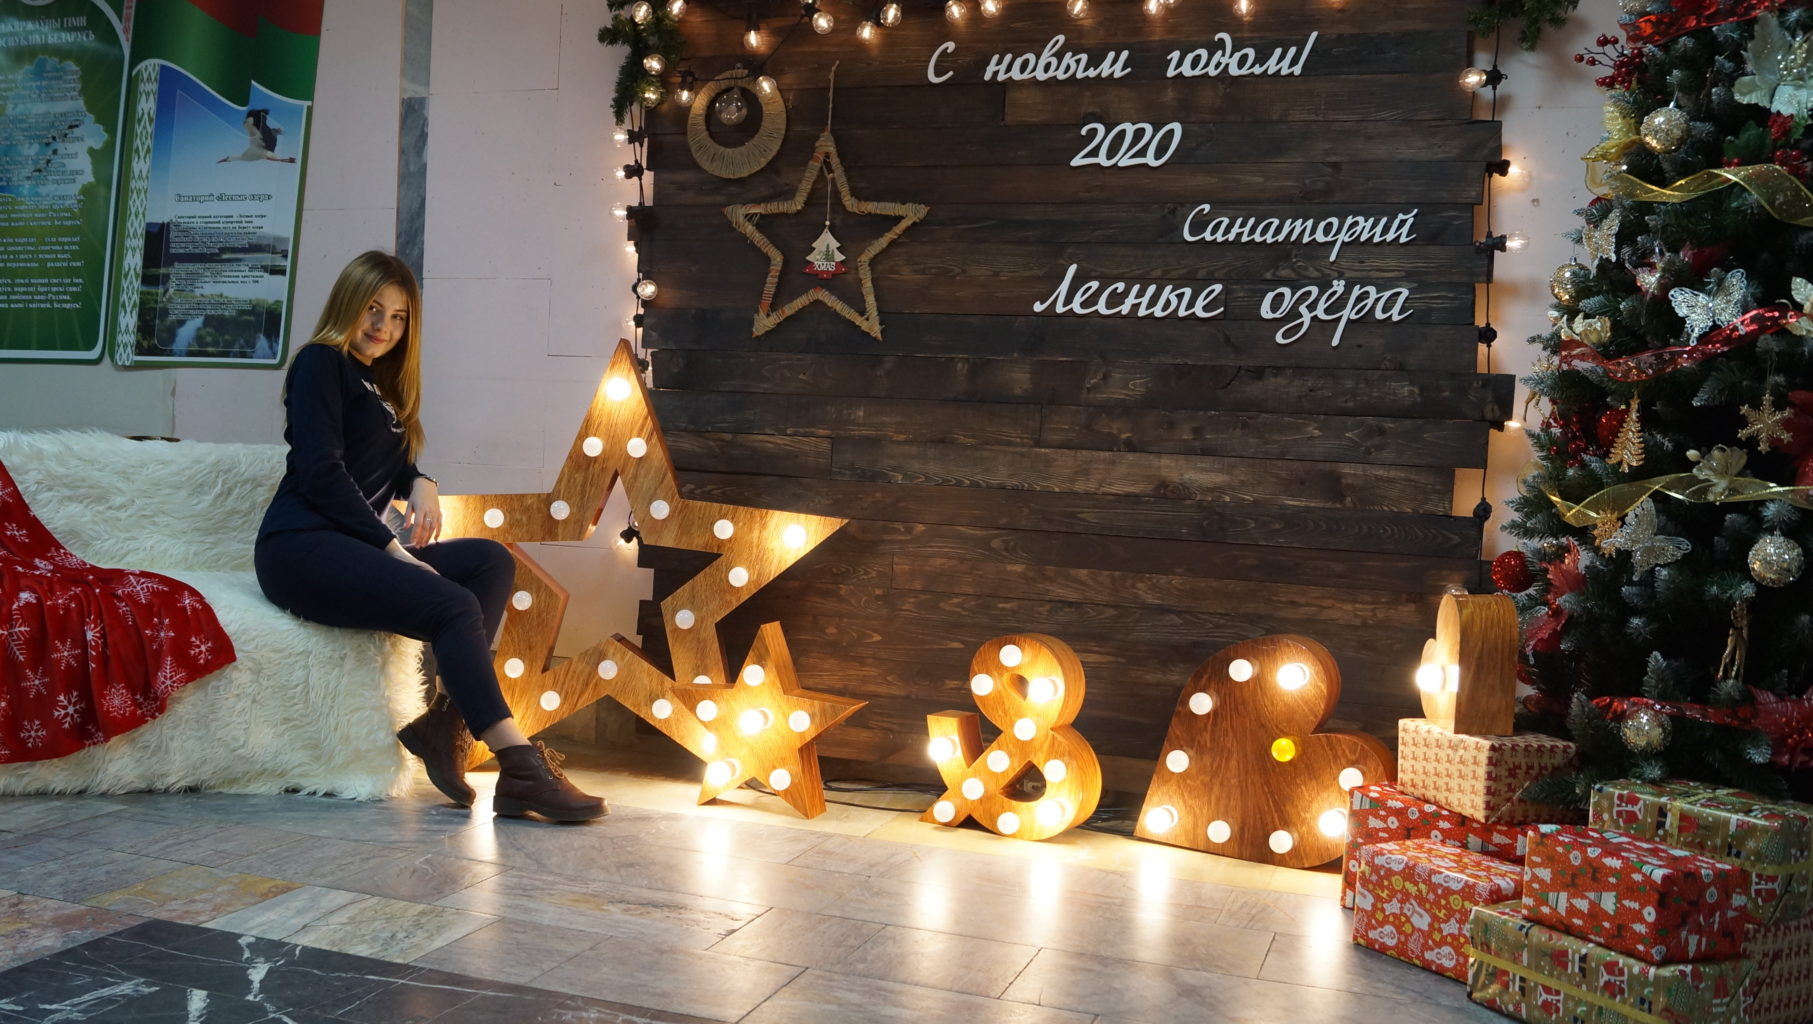 Санаторий готовится к приему Новогоднего заезда!